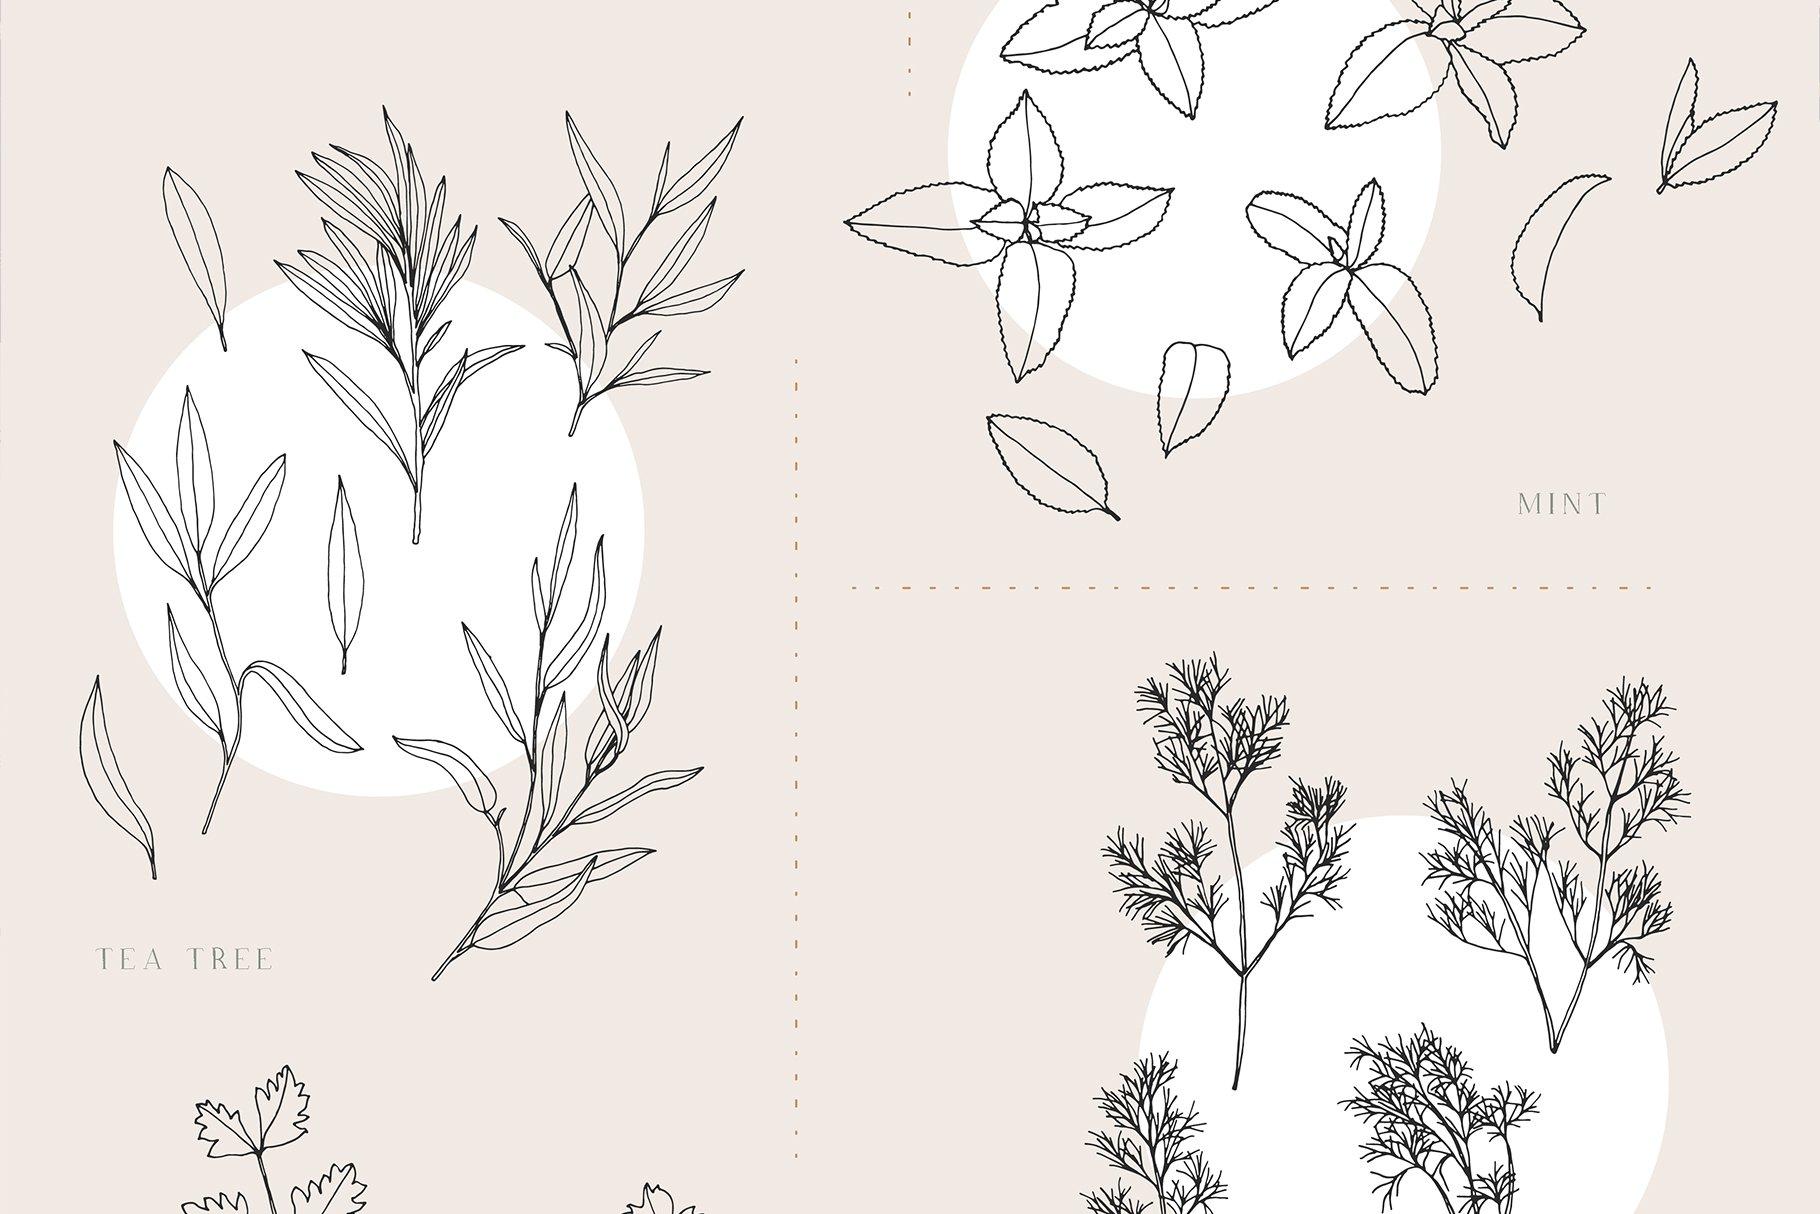 优雅中药草药花草手绘无缝隙矢量图案设计素材 Herbs Patterns & Illustrations插图6